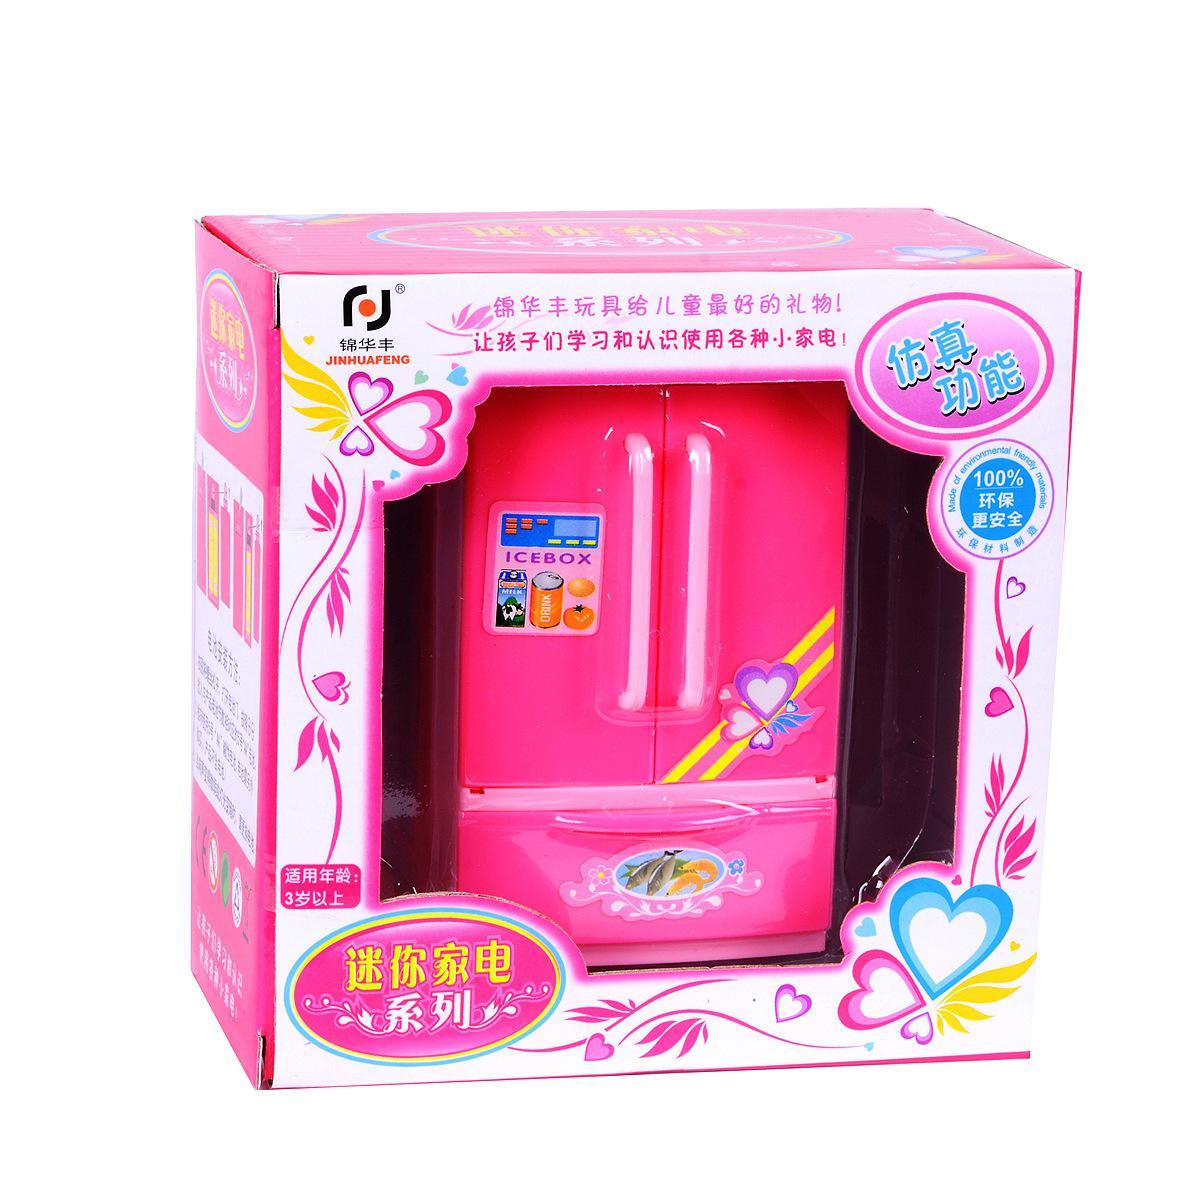 nios cocina juguetes juegos de imaginacin cocina conjunto de juguete para nios cocina juguetes para